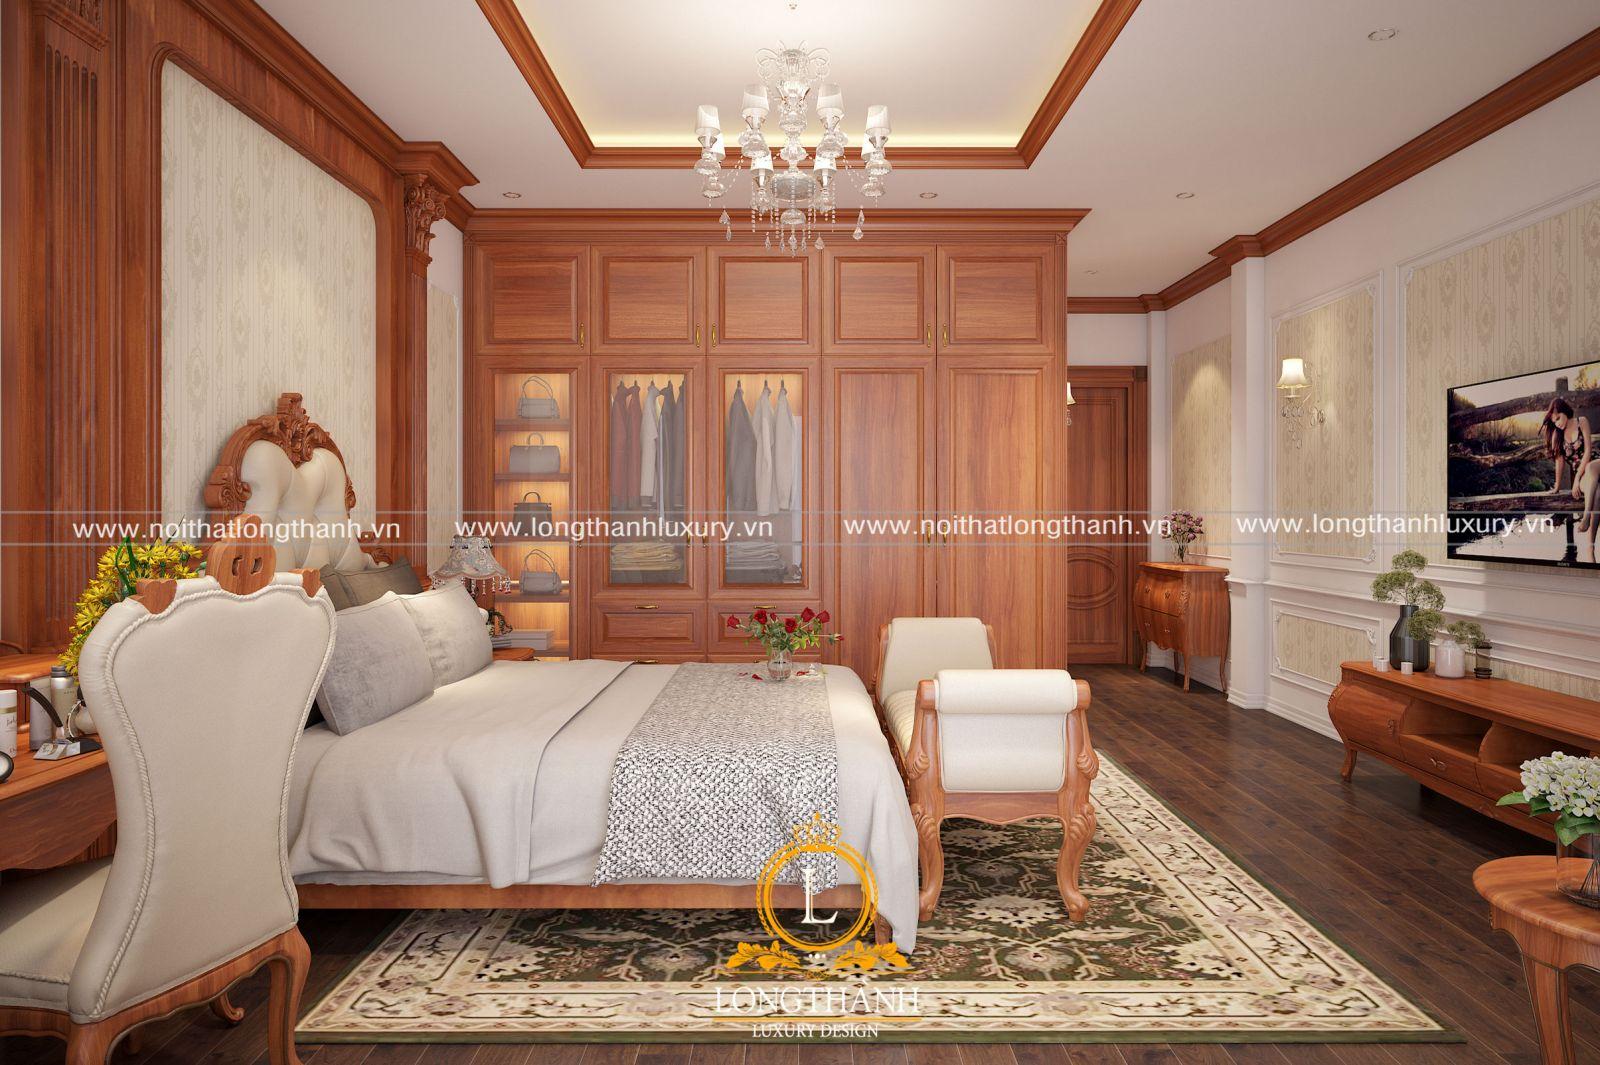 Mẫu phòng ngủ được thiết kế đảm bảo tỷ lệ vàng đầy tinh tế